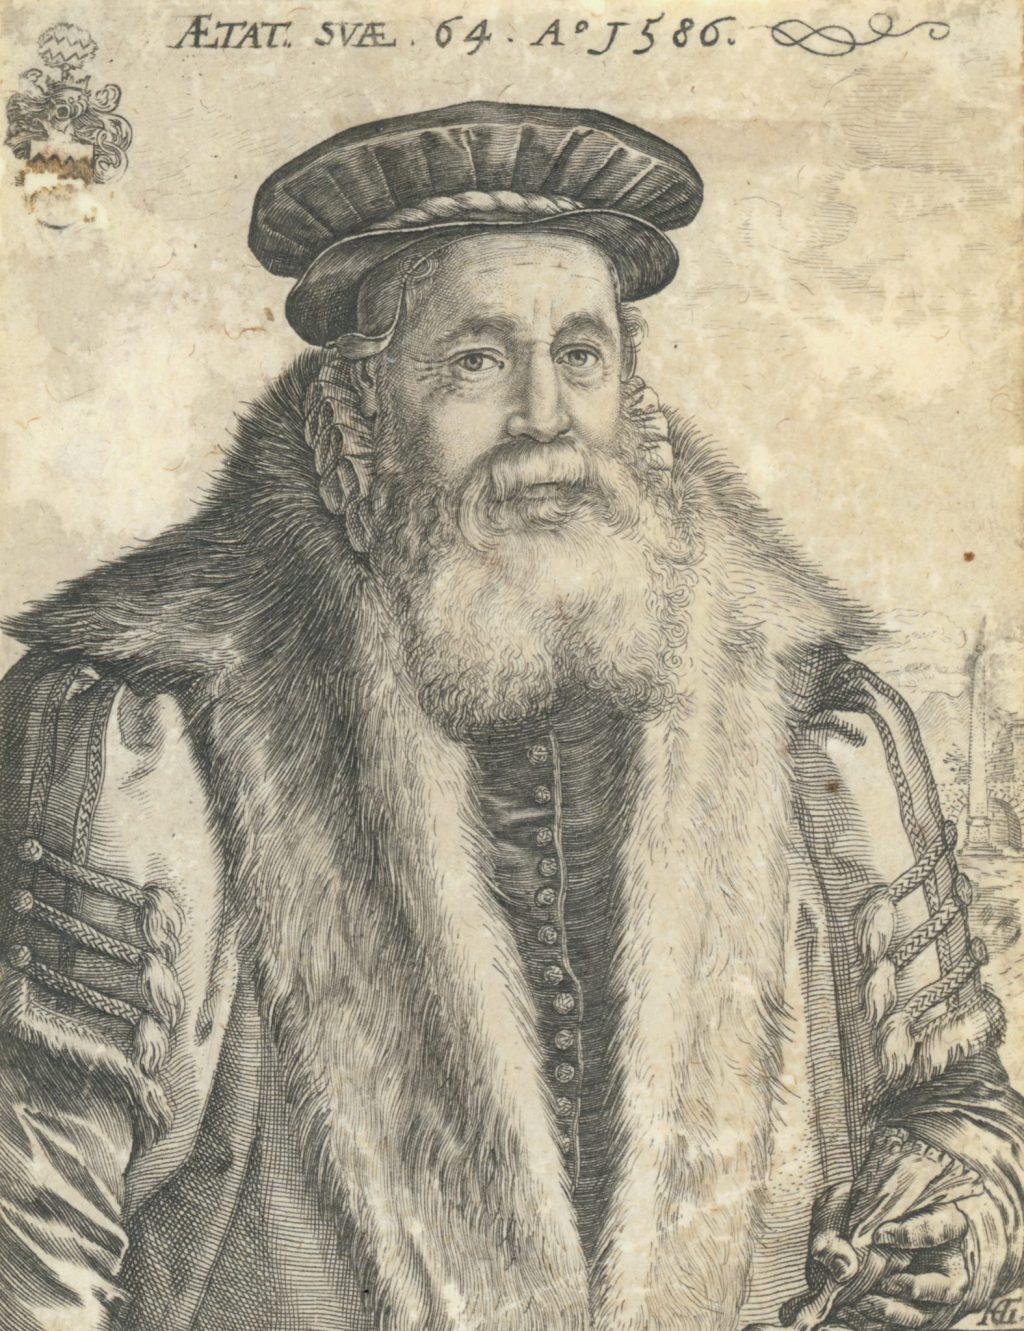 Portretgravure van Pieter van Foreest door Hendrick Goltzius, 1586 (TMS 6767)